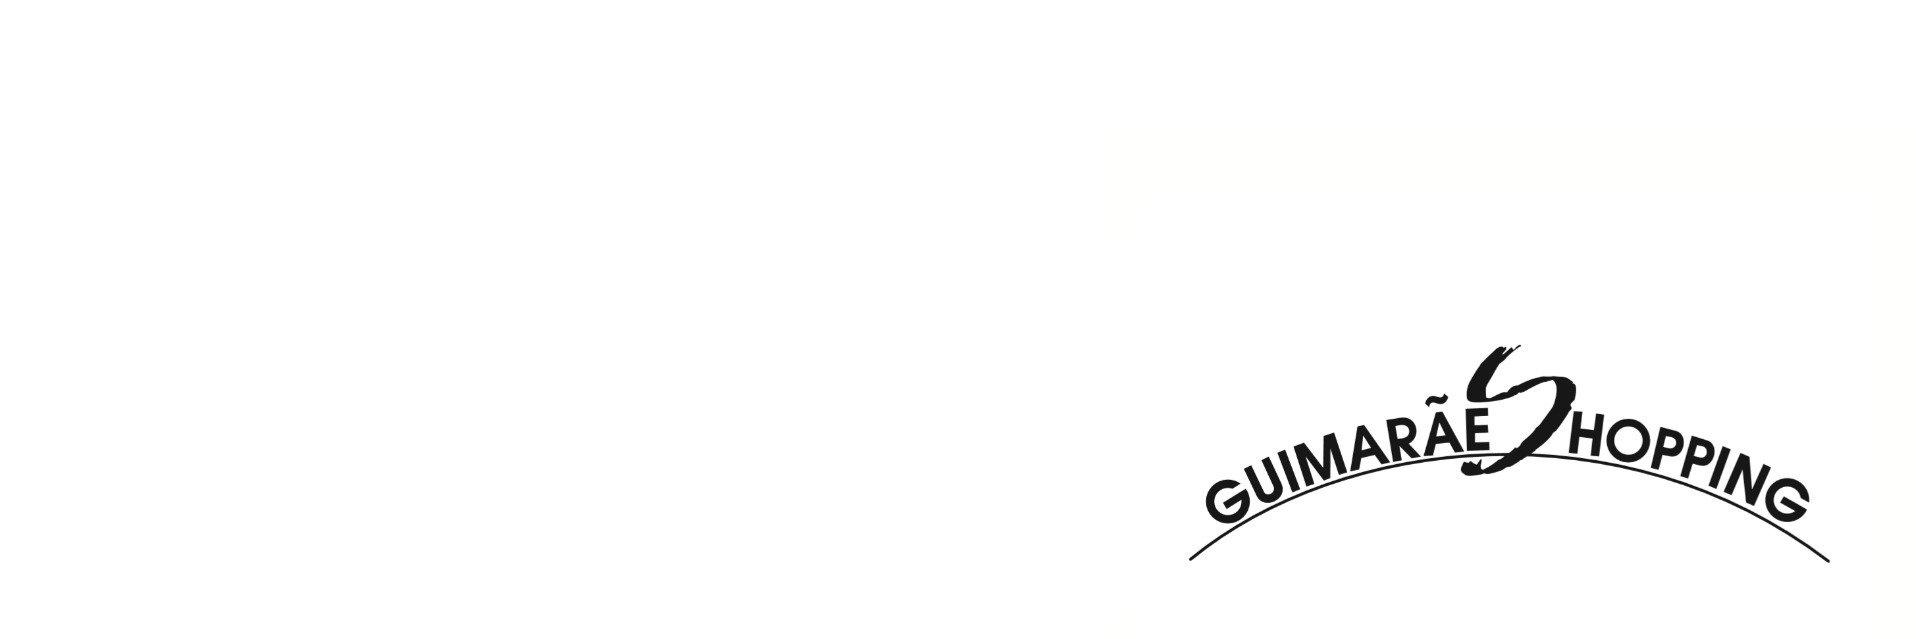 GuimarãeShopping mantém-se aberto, com atividades essenciais em funcionamento